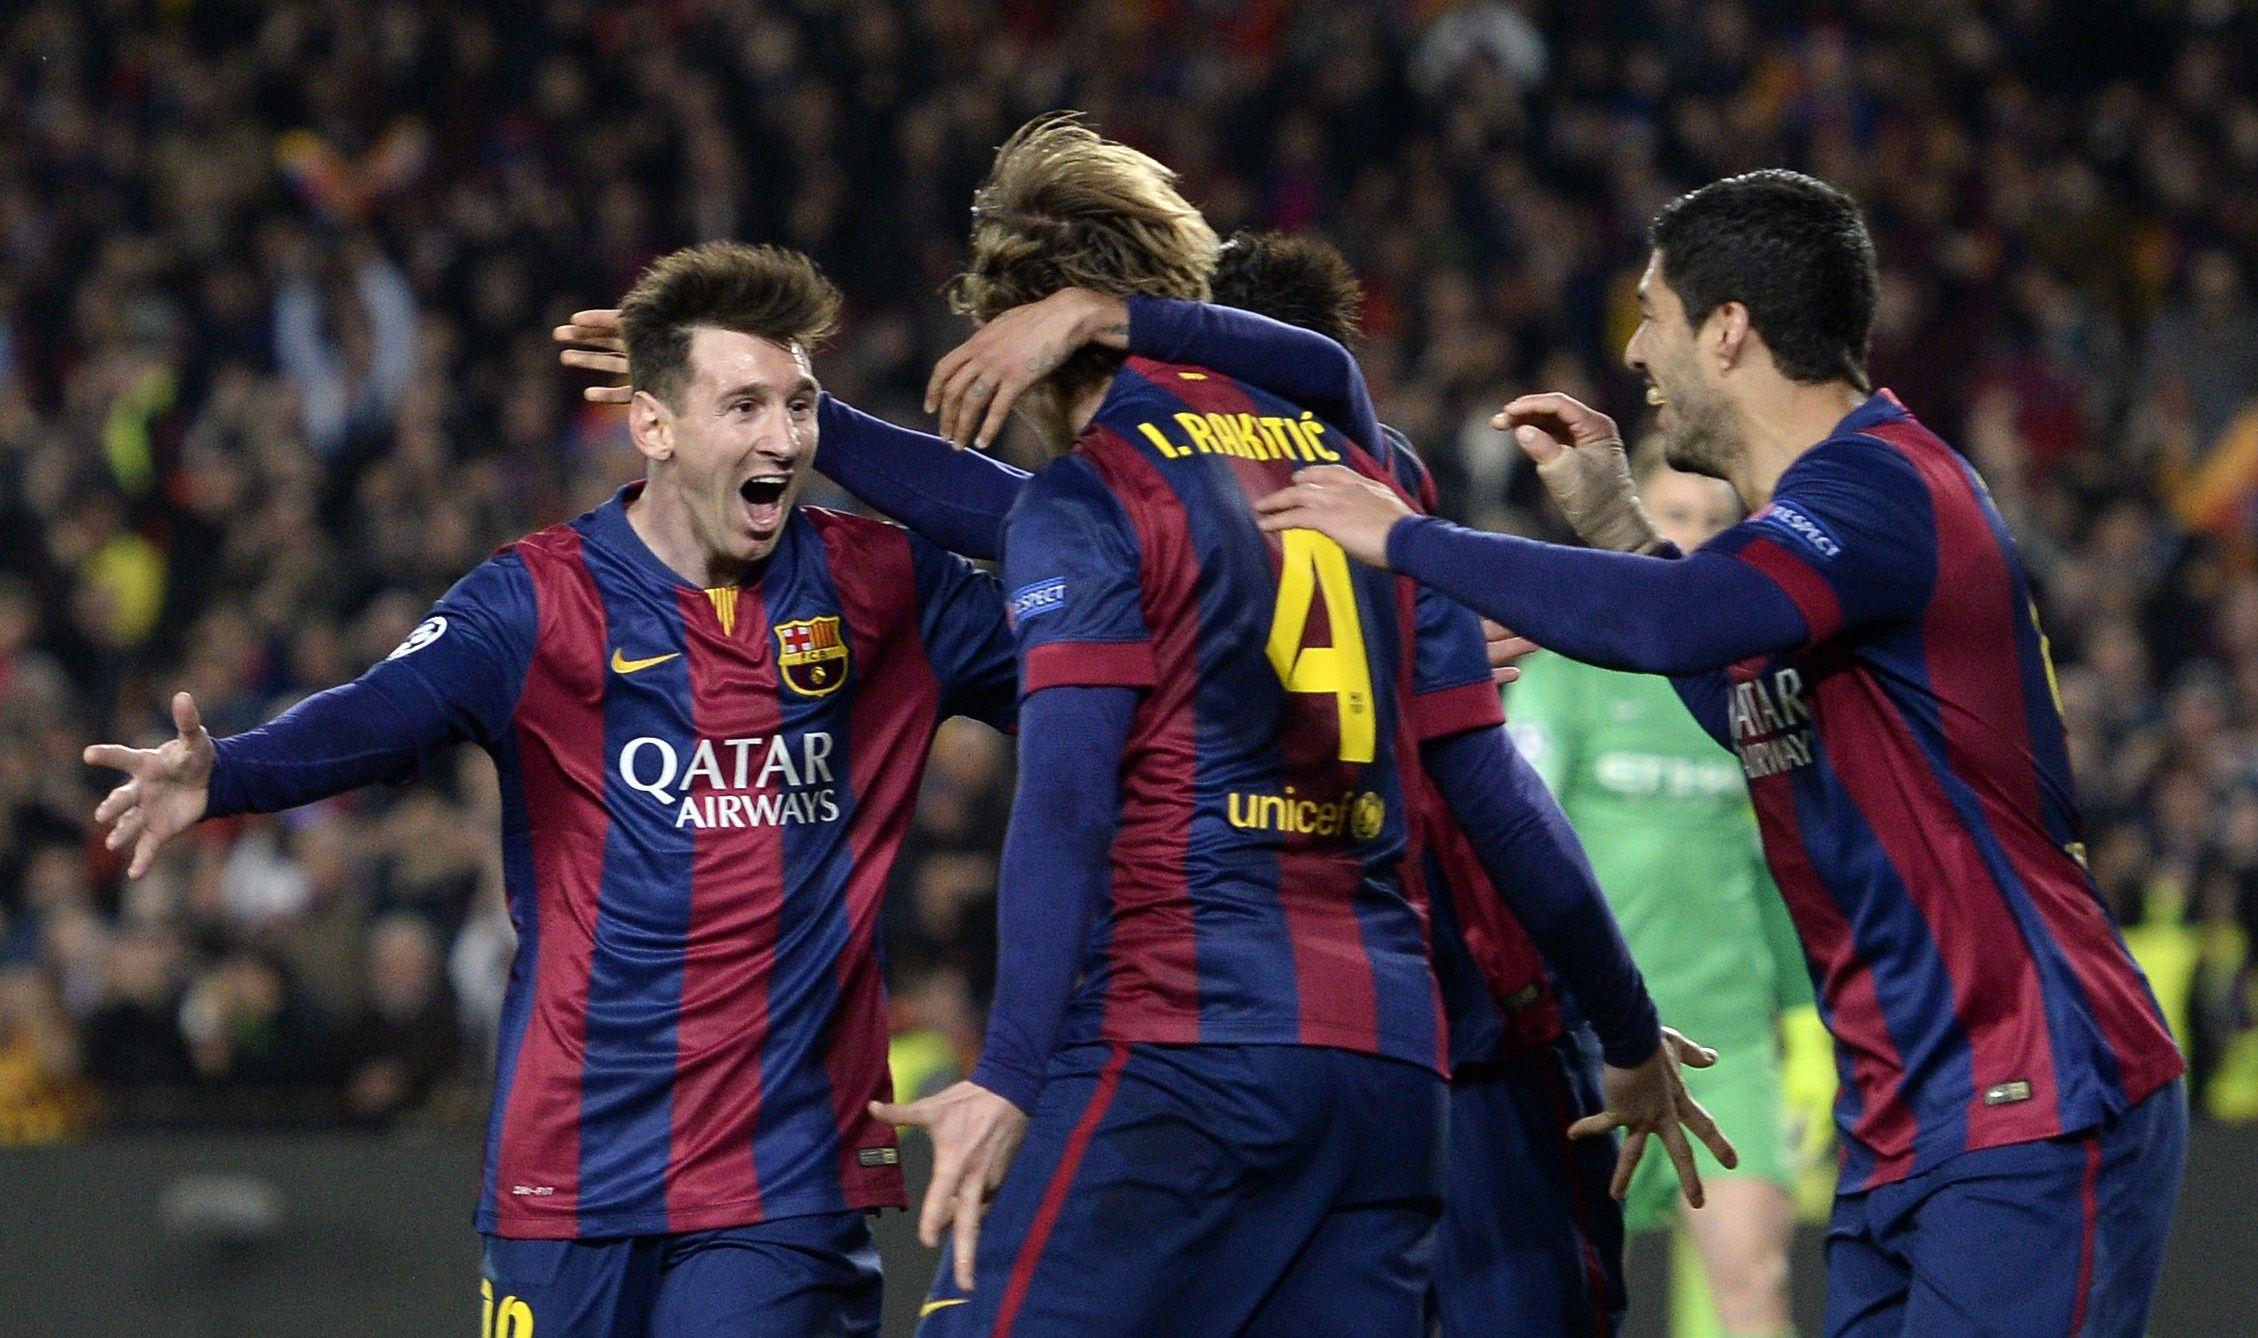 Barsa acude al clásico con Messi, Madrid espera a Cristiano